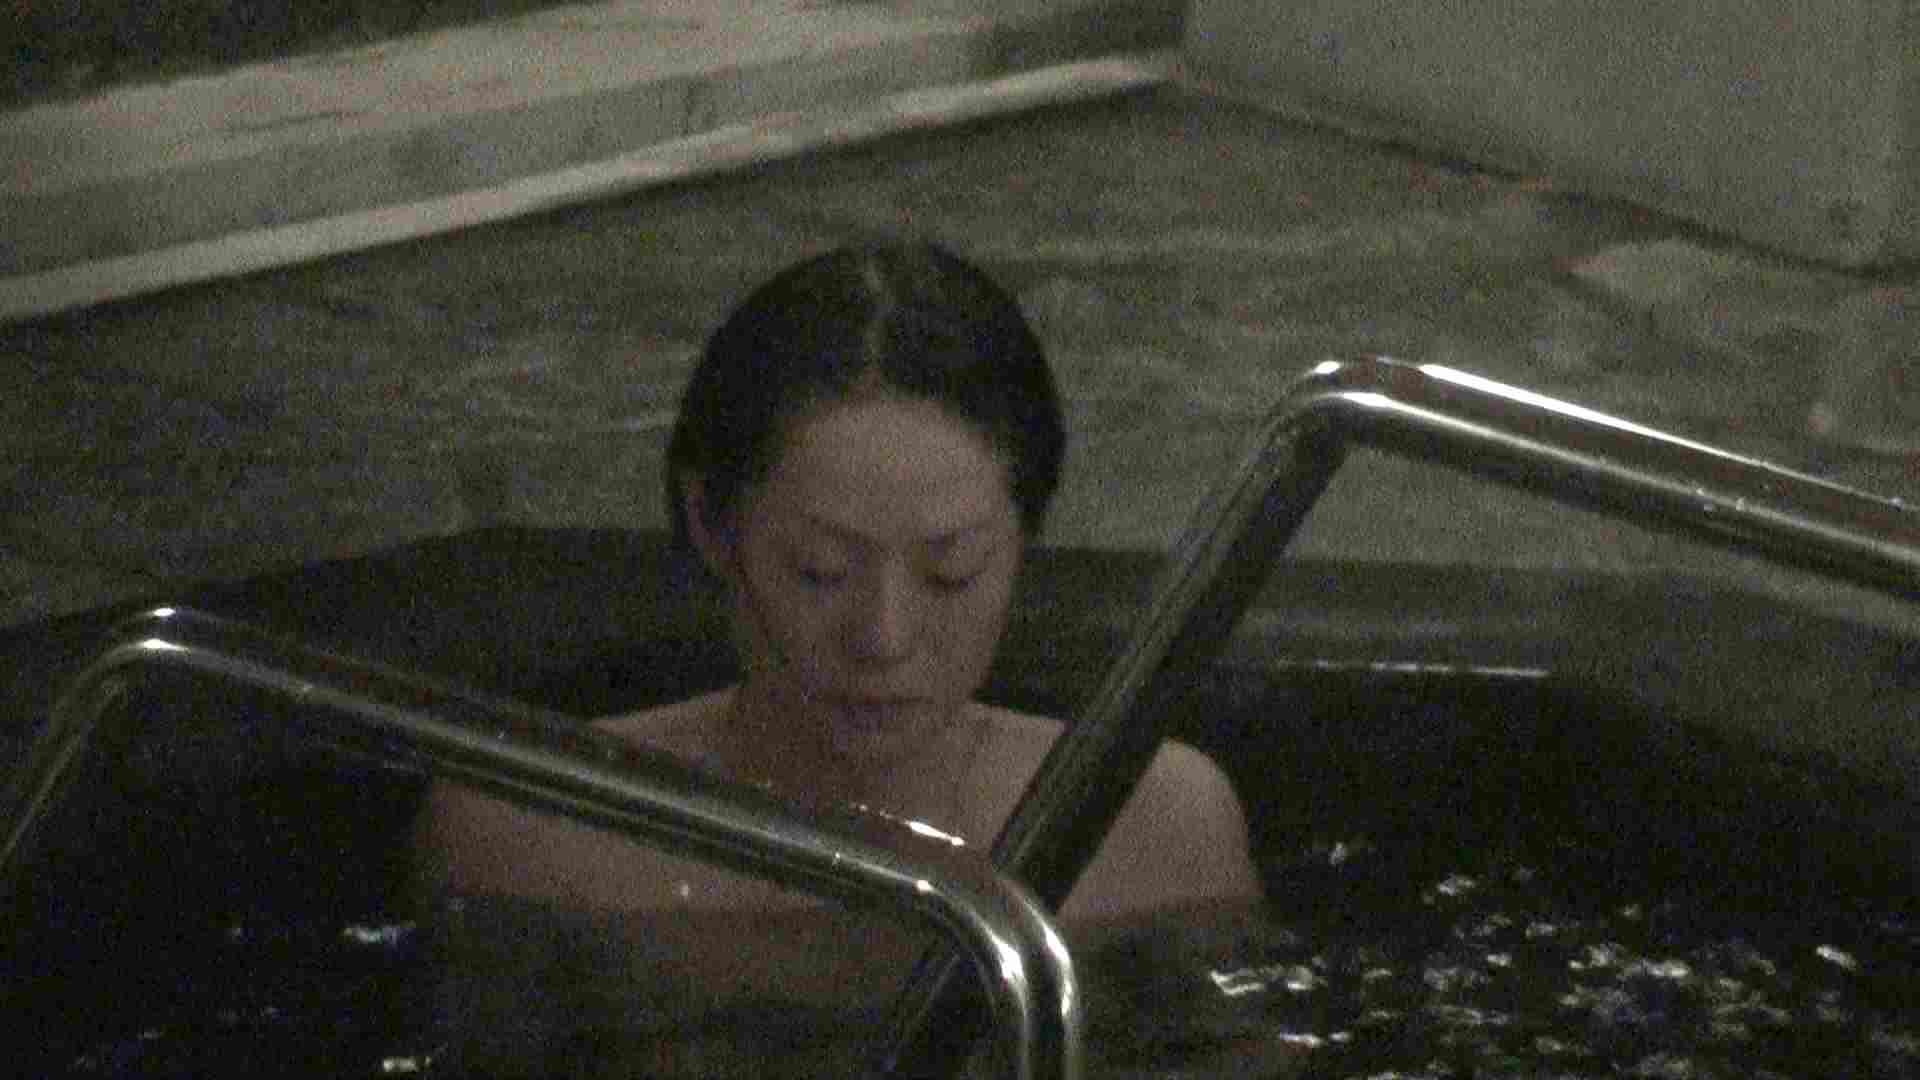 Aquaな露天風呂Vol.318 美しいOLの裸体   盗撮師作品  105pic 100